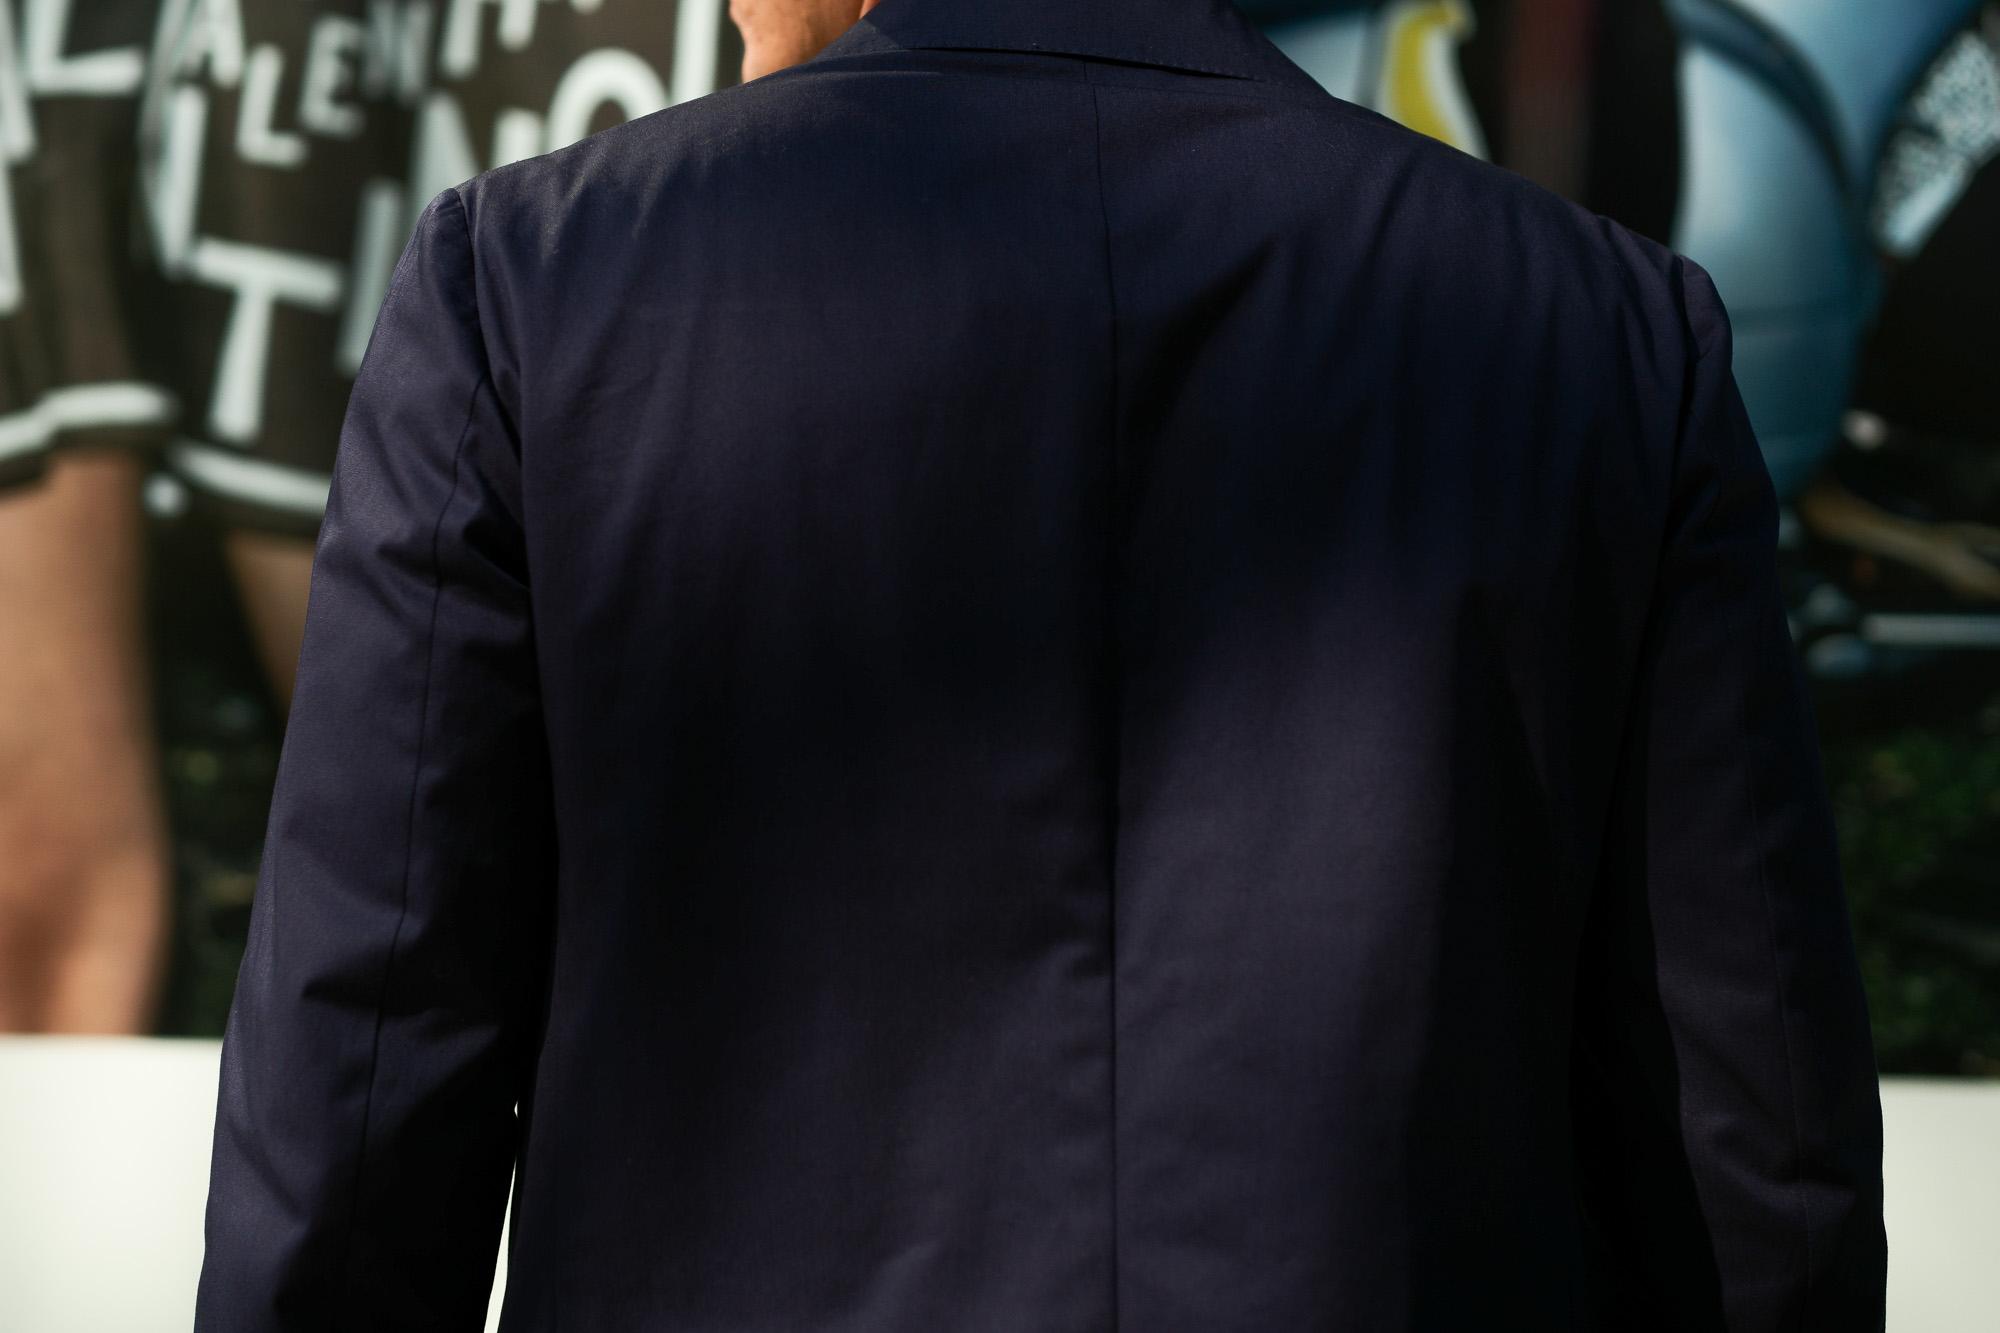 De Petrillo (デ ペトリロ) NUVOLA Anacapri (ヌーボラ アナカプリ) ストレッチコットン 段返り3B ジャケット NAVY (ネイビー・468) Made in italy (イタリア製) 2019 春夏新作 depetrillo 愛知 名古屋 alto e diritto アルトエデリット スーツ ジャケット チノスーツ チノジャケット